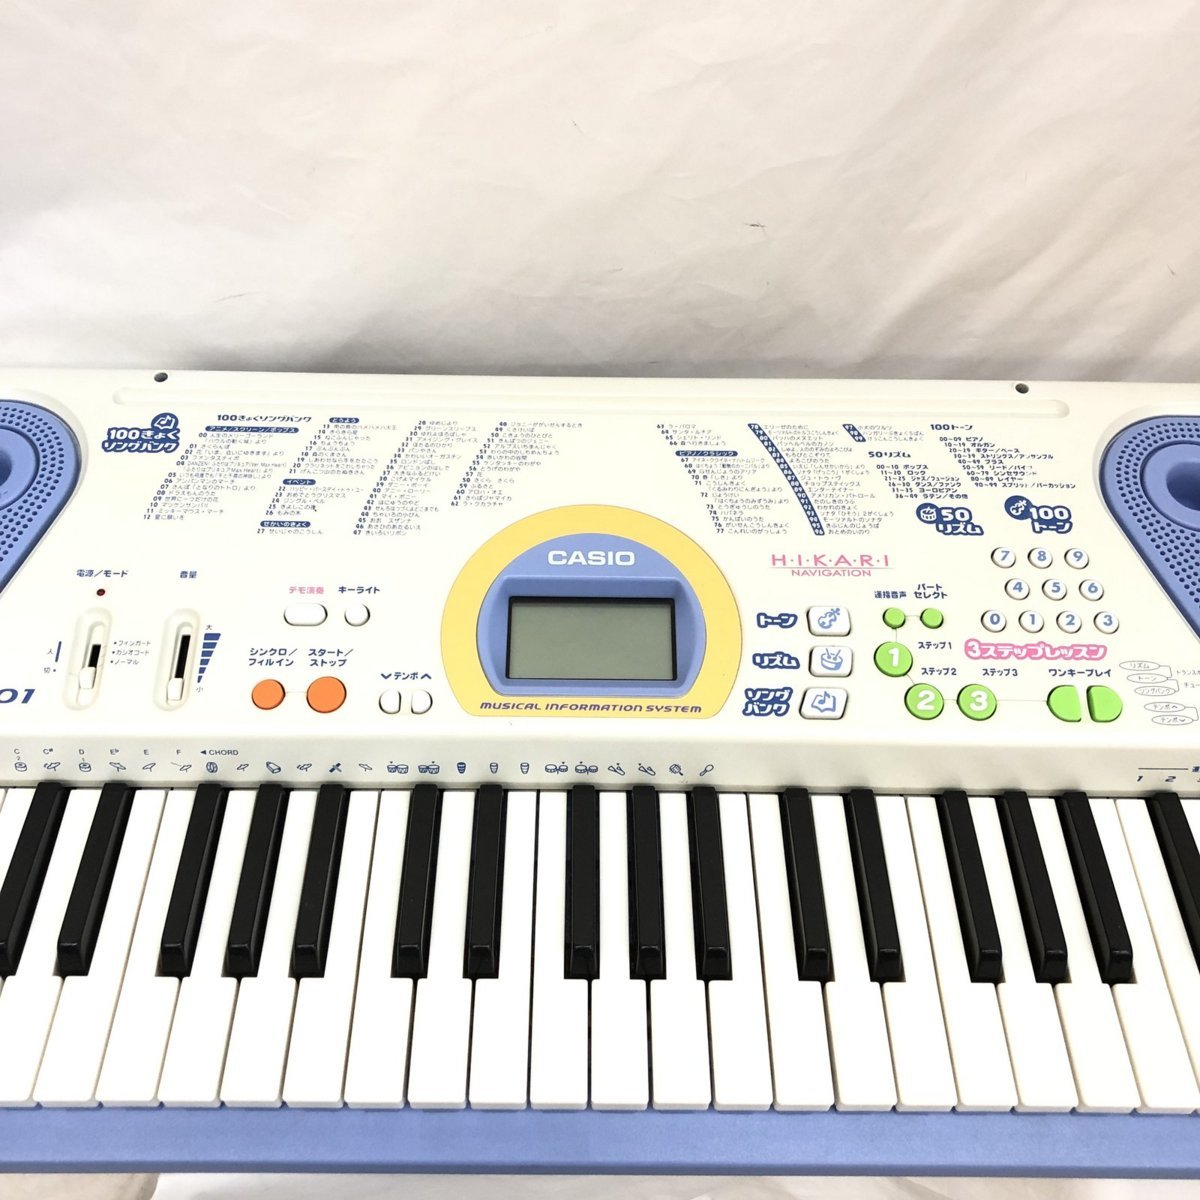 中古 CASIO カシオ 電子キーボード 光ナビゲーション LK-101 61鍵盤 グレー ブルー ポップカラー 電子ピアノ 鍵盤楽器 H15605_画像6